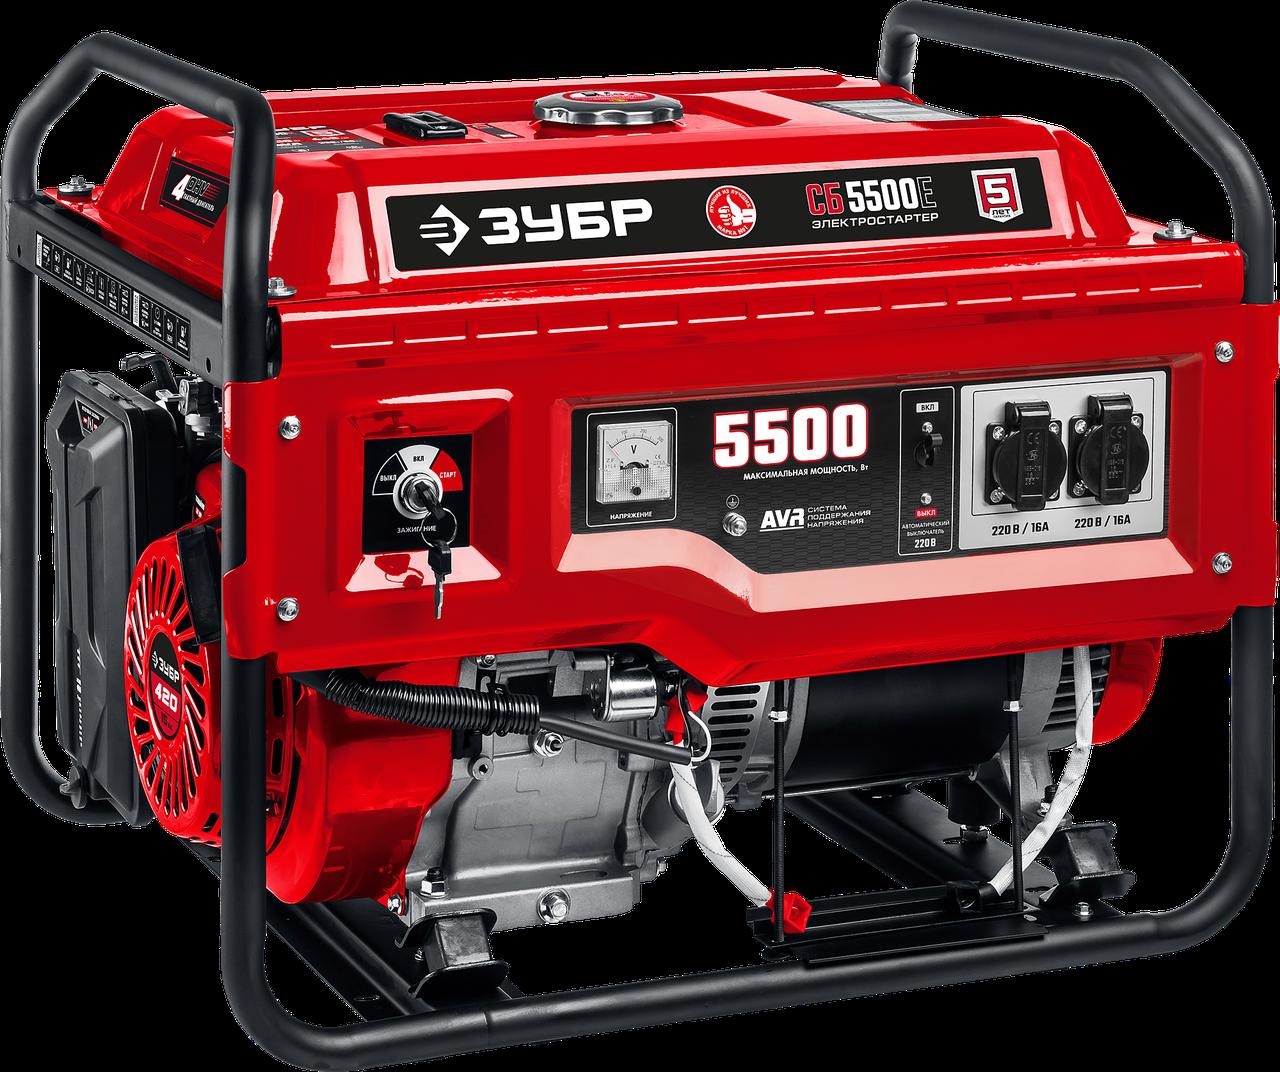 СБ-5500Е бензиновый генератор с электростартером, 5500 Вт, ЗУБР